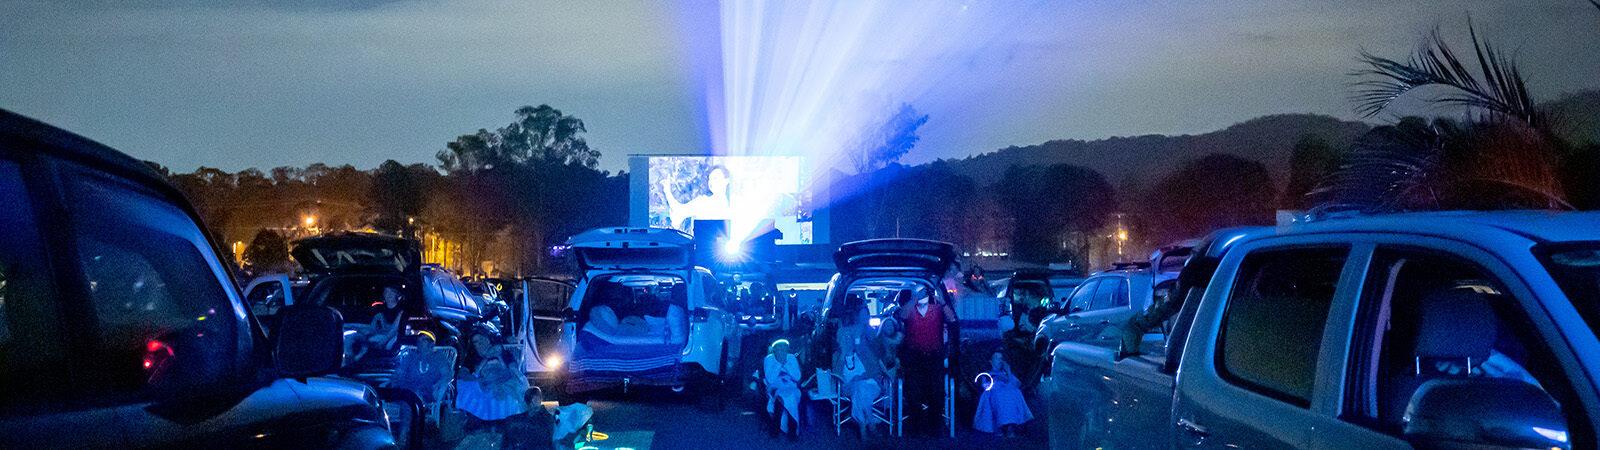 Public Events Yatala